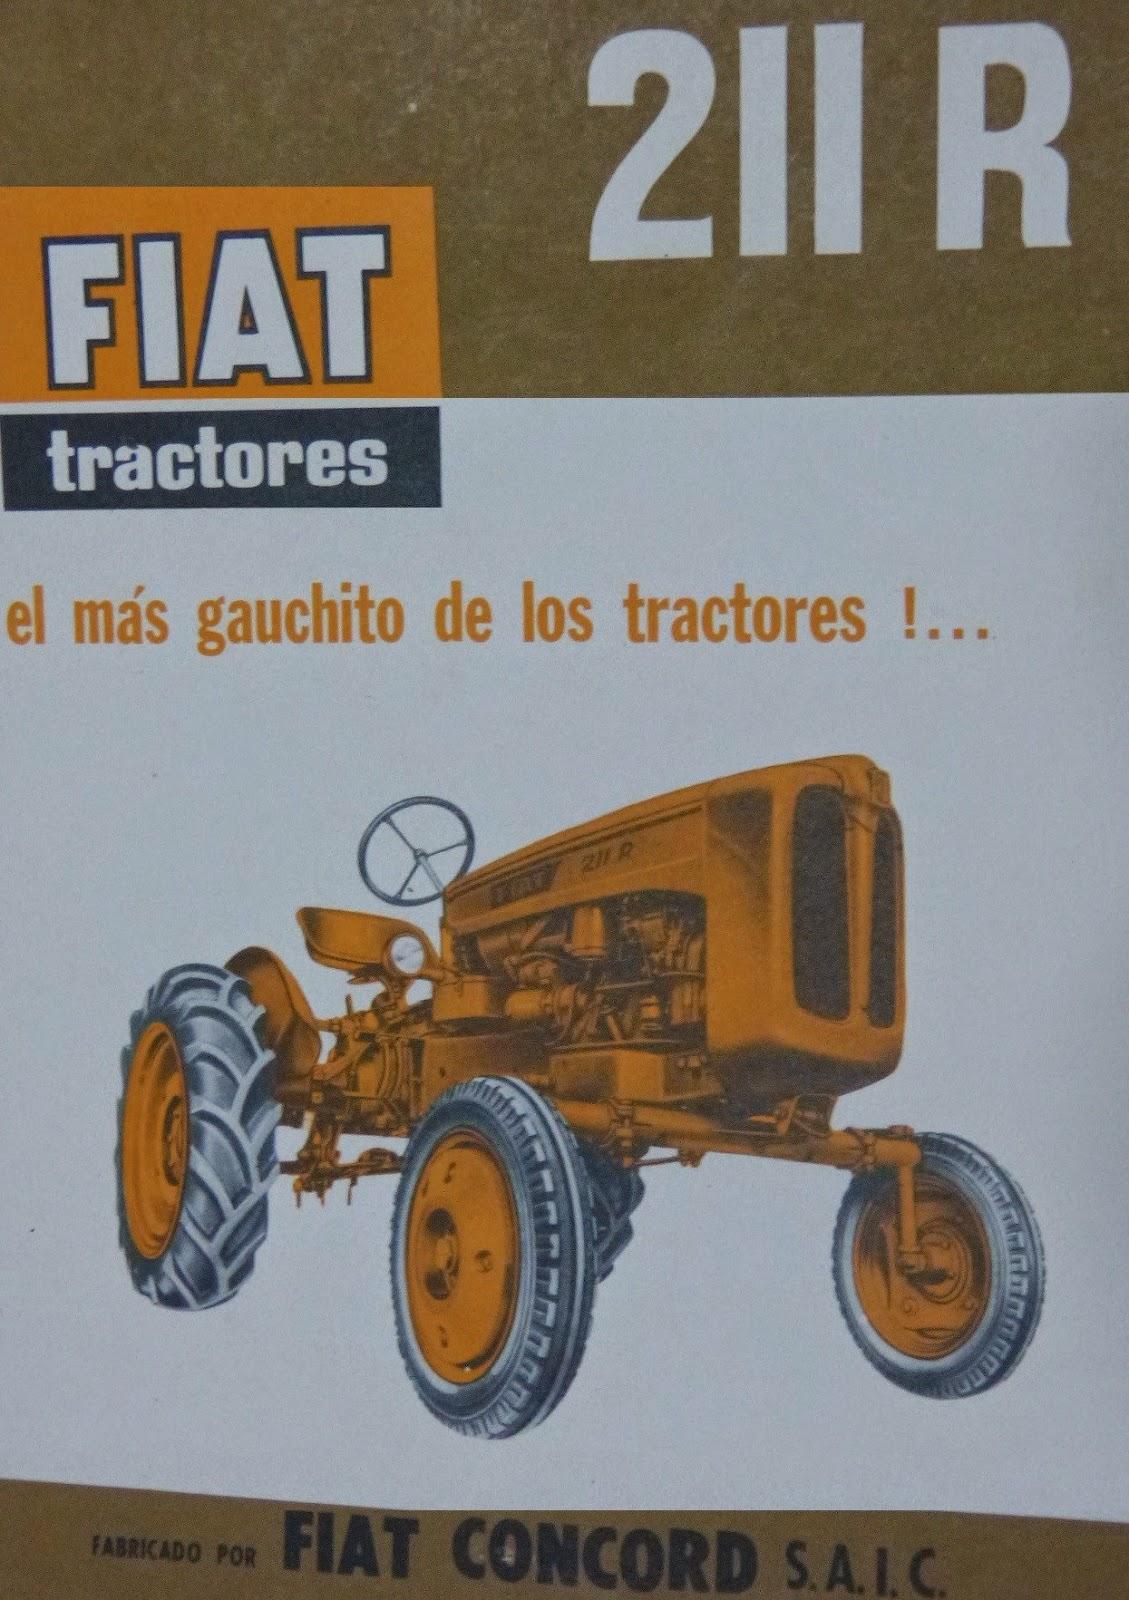 Fiat Concord 211R